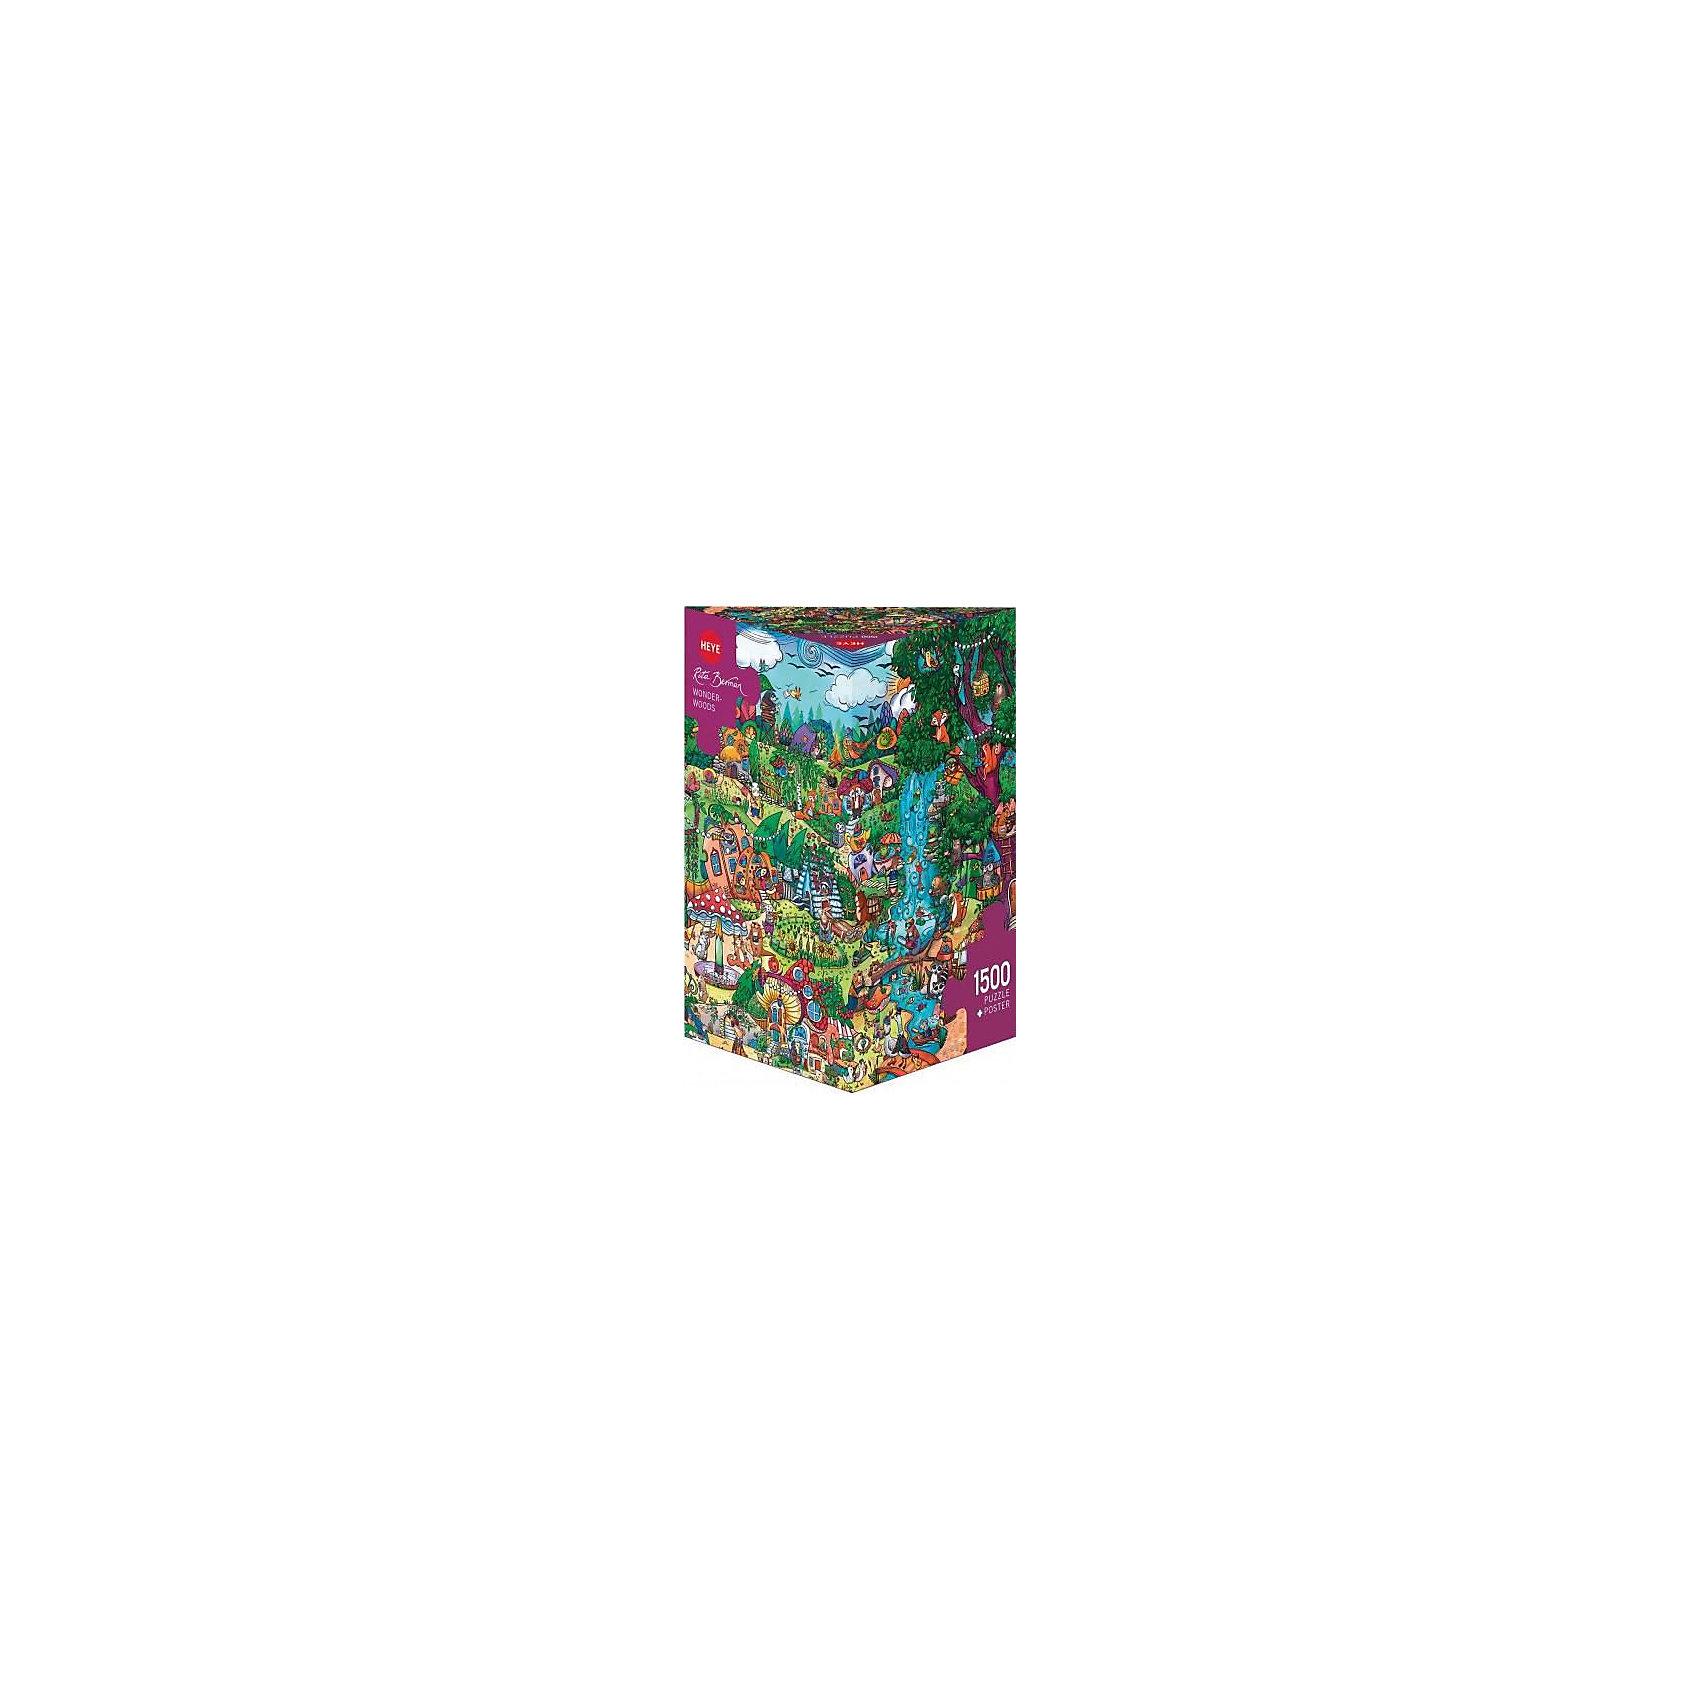 Пазлы Сказочный лес, 1500 деталей, HeyeПазлы для детей постарше<br>Характеристики товара:<br><br>• возраст: от 8 лет<br>• количество деталей: 1500 деталей <br>• размер собранного пазла: 80х60 см.<br>• материал: картон<br>• упаковка: картонная коробка в форме треугольника<br>• размер упаковки: 35х27х14 см.<br>• вес: 860 гр.<br>• страна обладатель бренда: Германия<br>                                                                                                                       Яркие элементы  пазла образуют картину сказочного леса, которую можно рассматривать бесконечно, как взрослым так и детям. Сюжет картины поразит своим воображением и  прекрасно дополнит интерьер любой комнаты. <br><br>Оригинальная упаковка пазла в виде треугольника отлично подойдет в качестве оригинального незабываемого подарка подарка.<br><br>Качественный материал элементов пазла позволяет  собрать и сохранить картину, создавая в меру глянцевый эффект (а значит не сильно бликующий) и хорошую сцепку деталей.<br><br>Сбор элементов в одно изображение способствует развитию образного и логического мышления, атакже является увлекательным и интересным процессом.<br><br>Пазл Сказочный лес, 1500 деталей, HEYE ( ХАЙЕ) можно купить в нашем интернет-магазине.<br><br>Ширина мм: 350<br>Глубина мм: 140<br>Высота мм: 270<br>Вес г: 860<br>Возраст от месяцев: 216<br>Возраст до месяцев: 2147483647<br>Пол: Унисекс<br>Возраст: Детский<br>SKU: 6881441